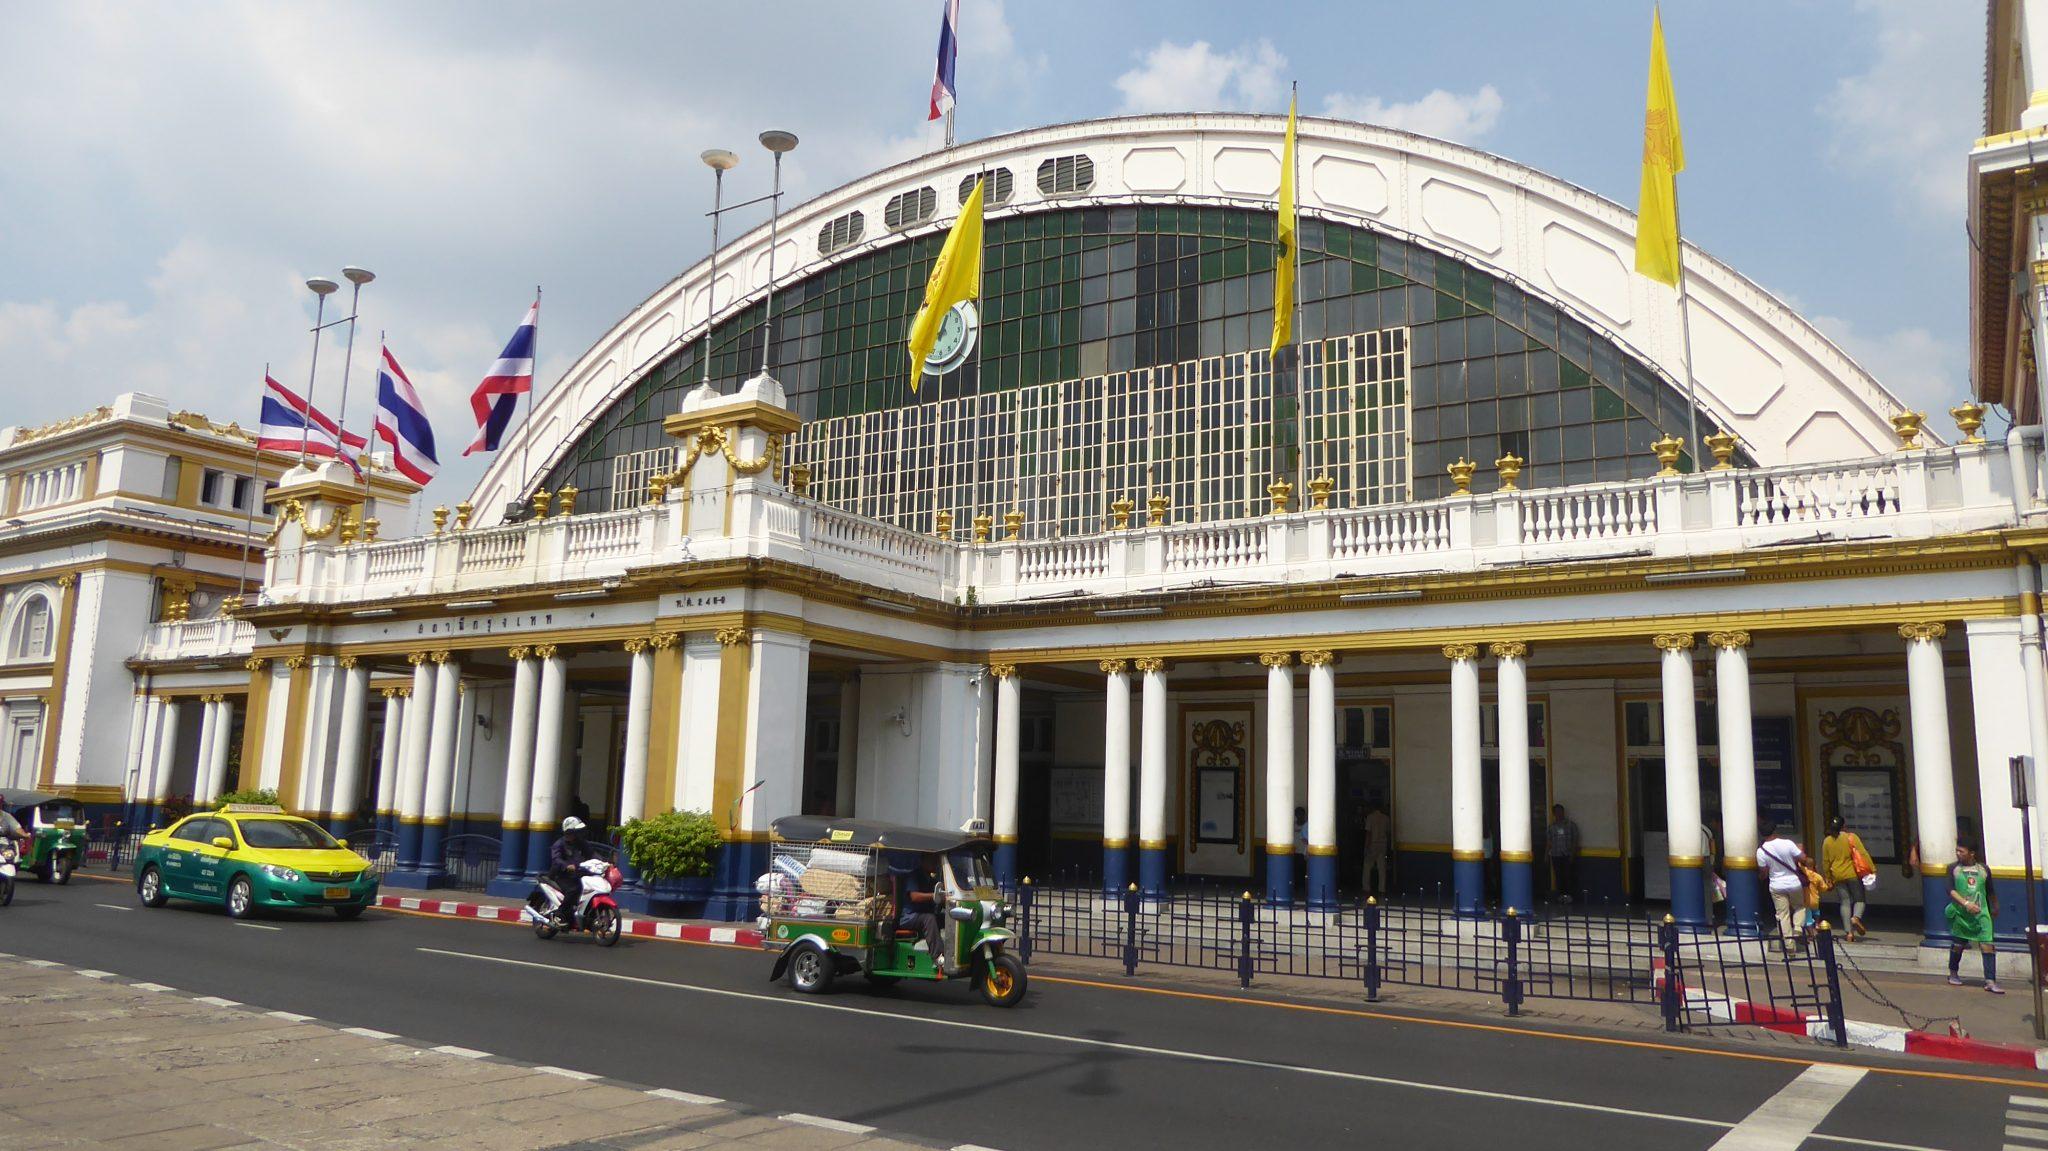 P1080743 - Train Travel in Thailand